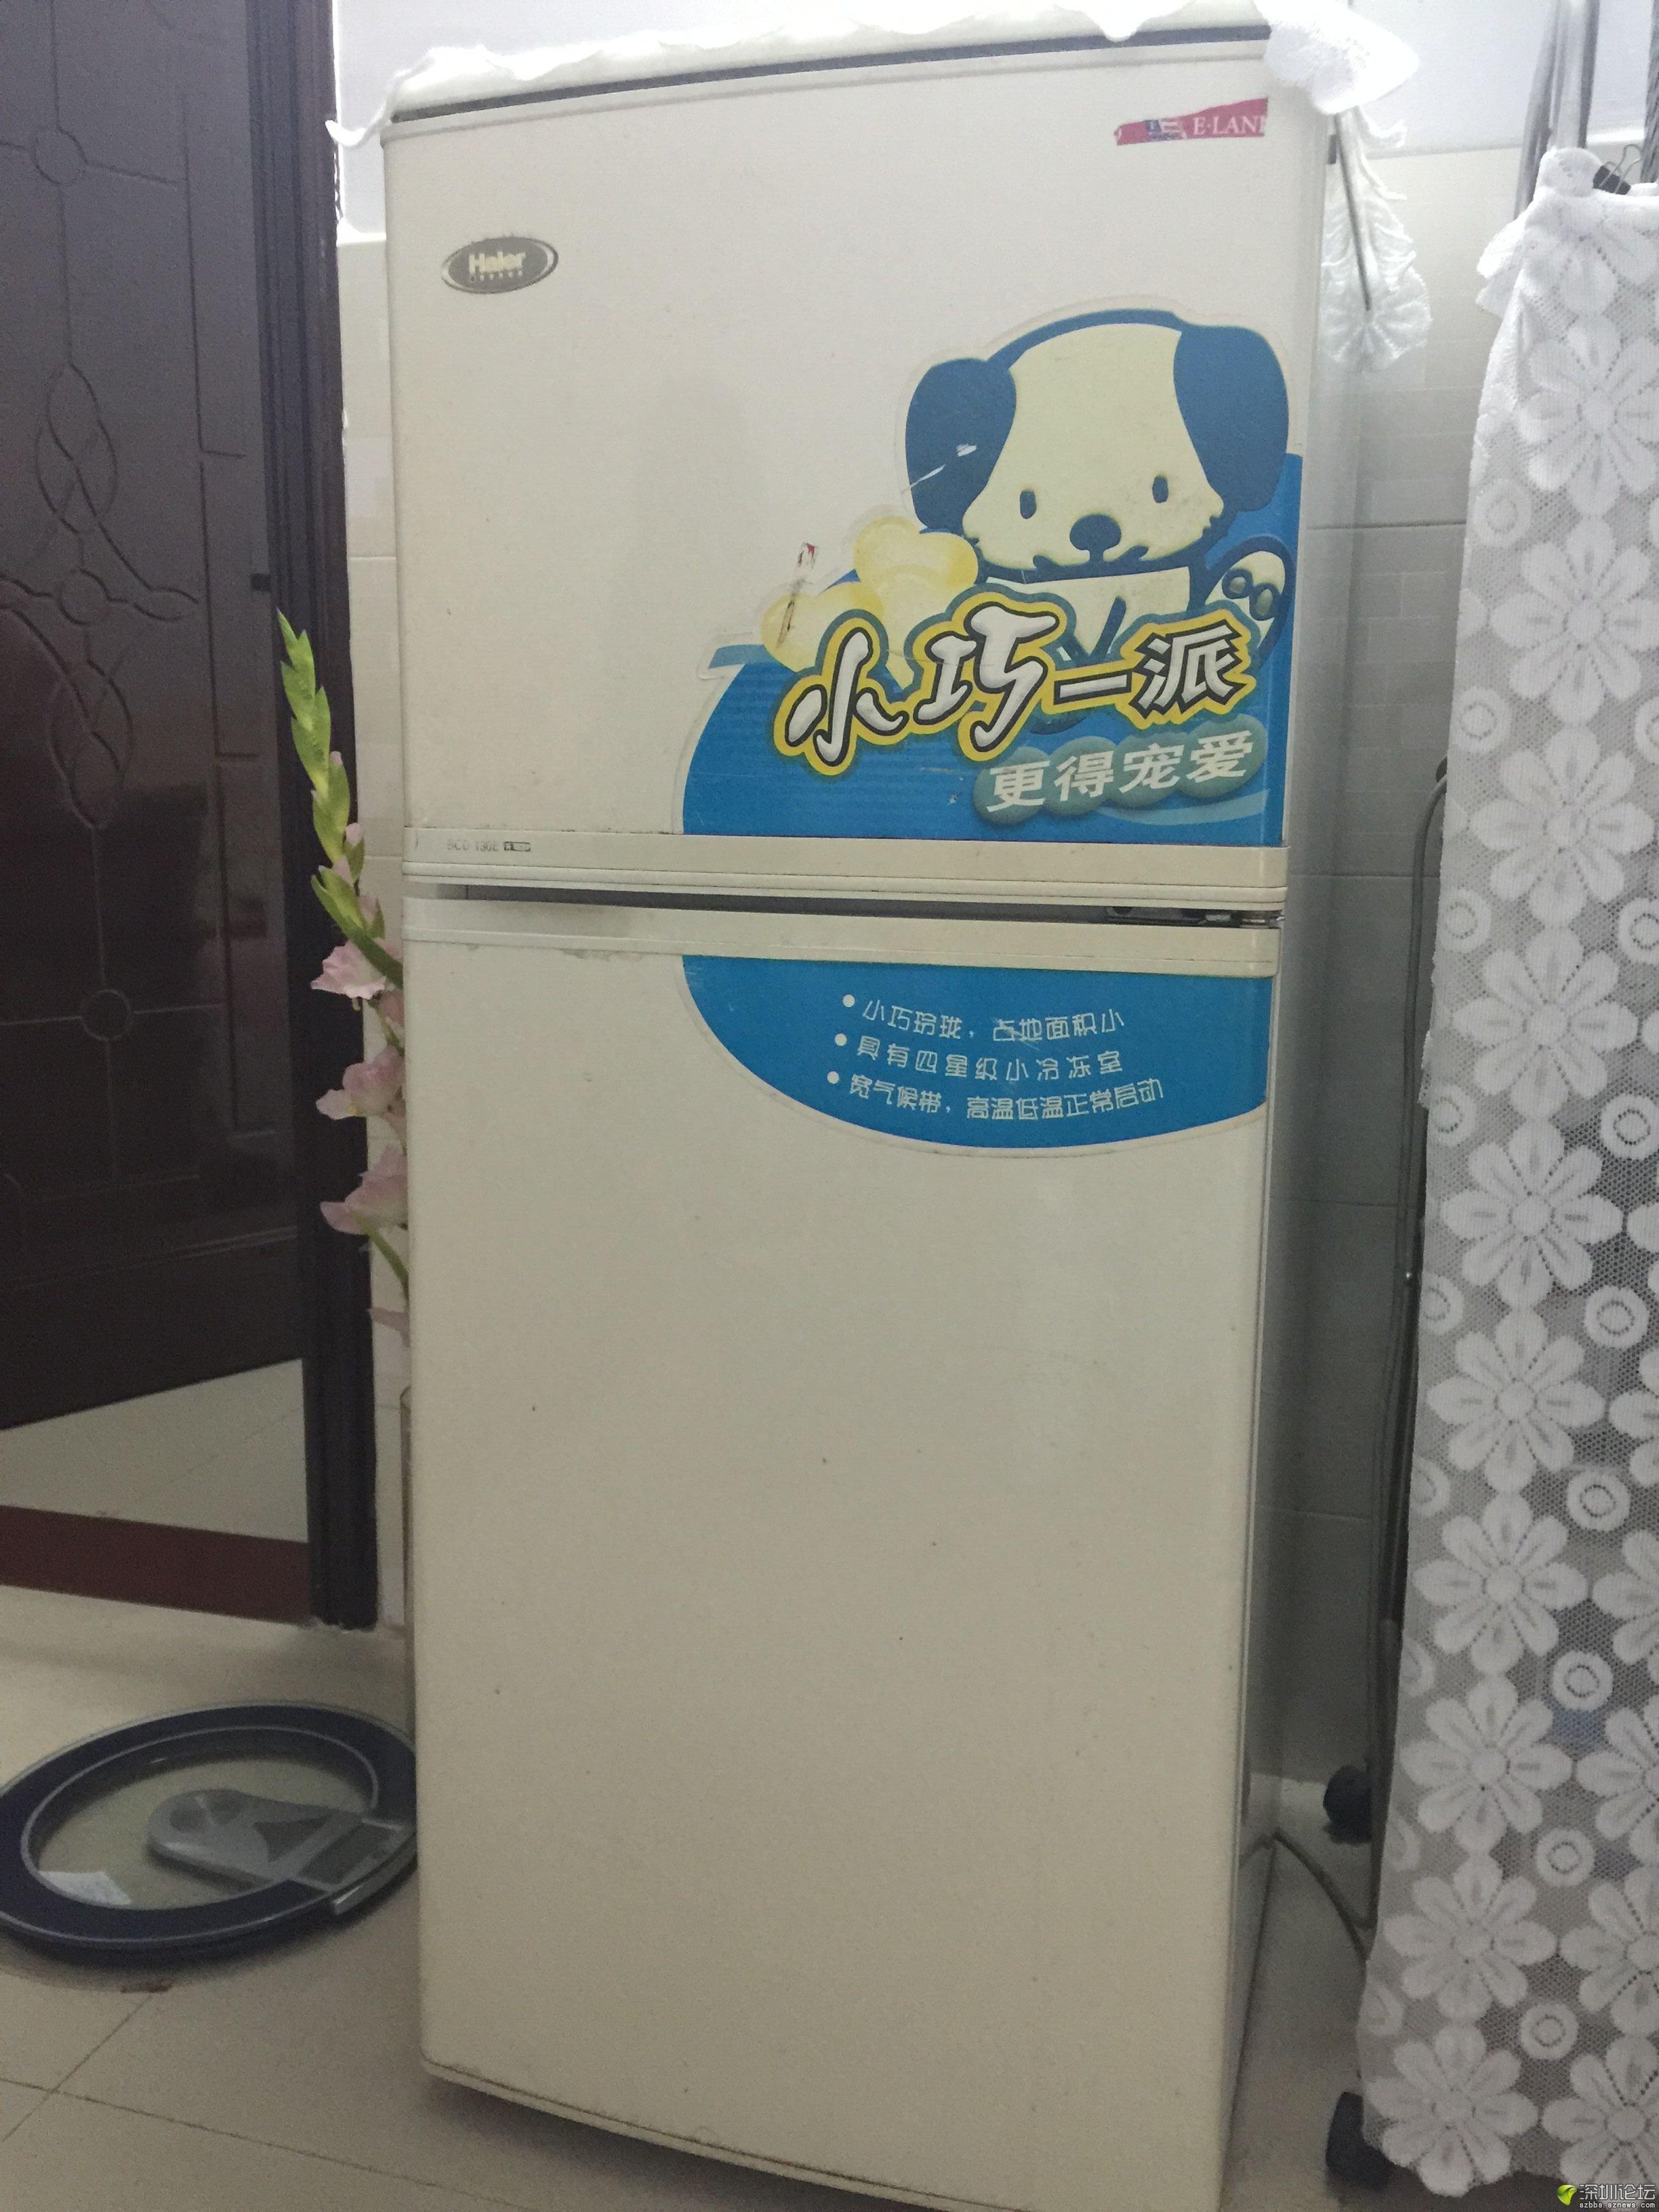 海尔小冰箱.jpg